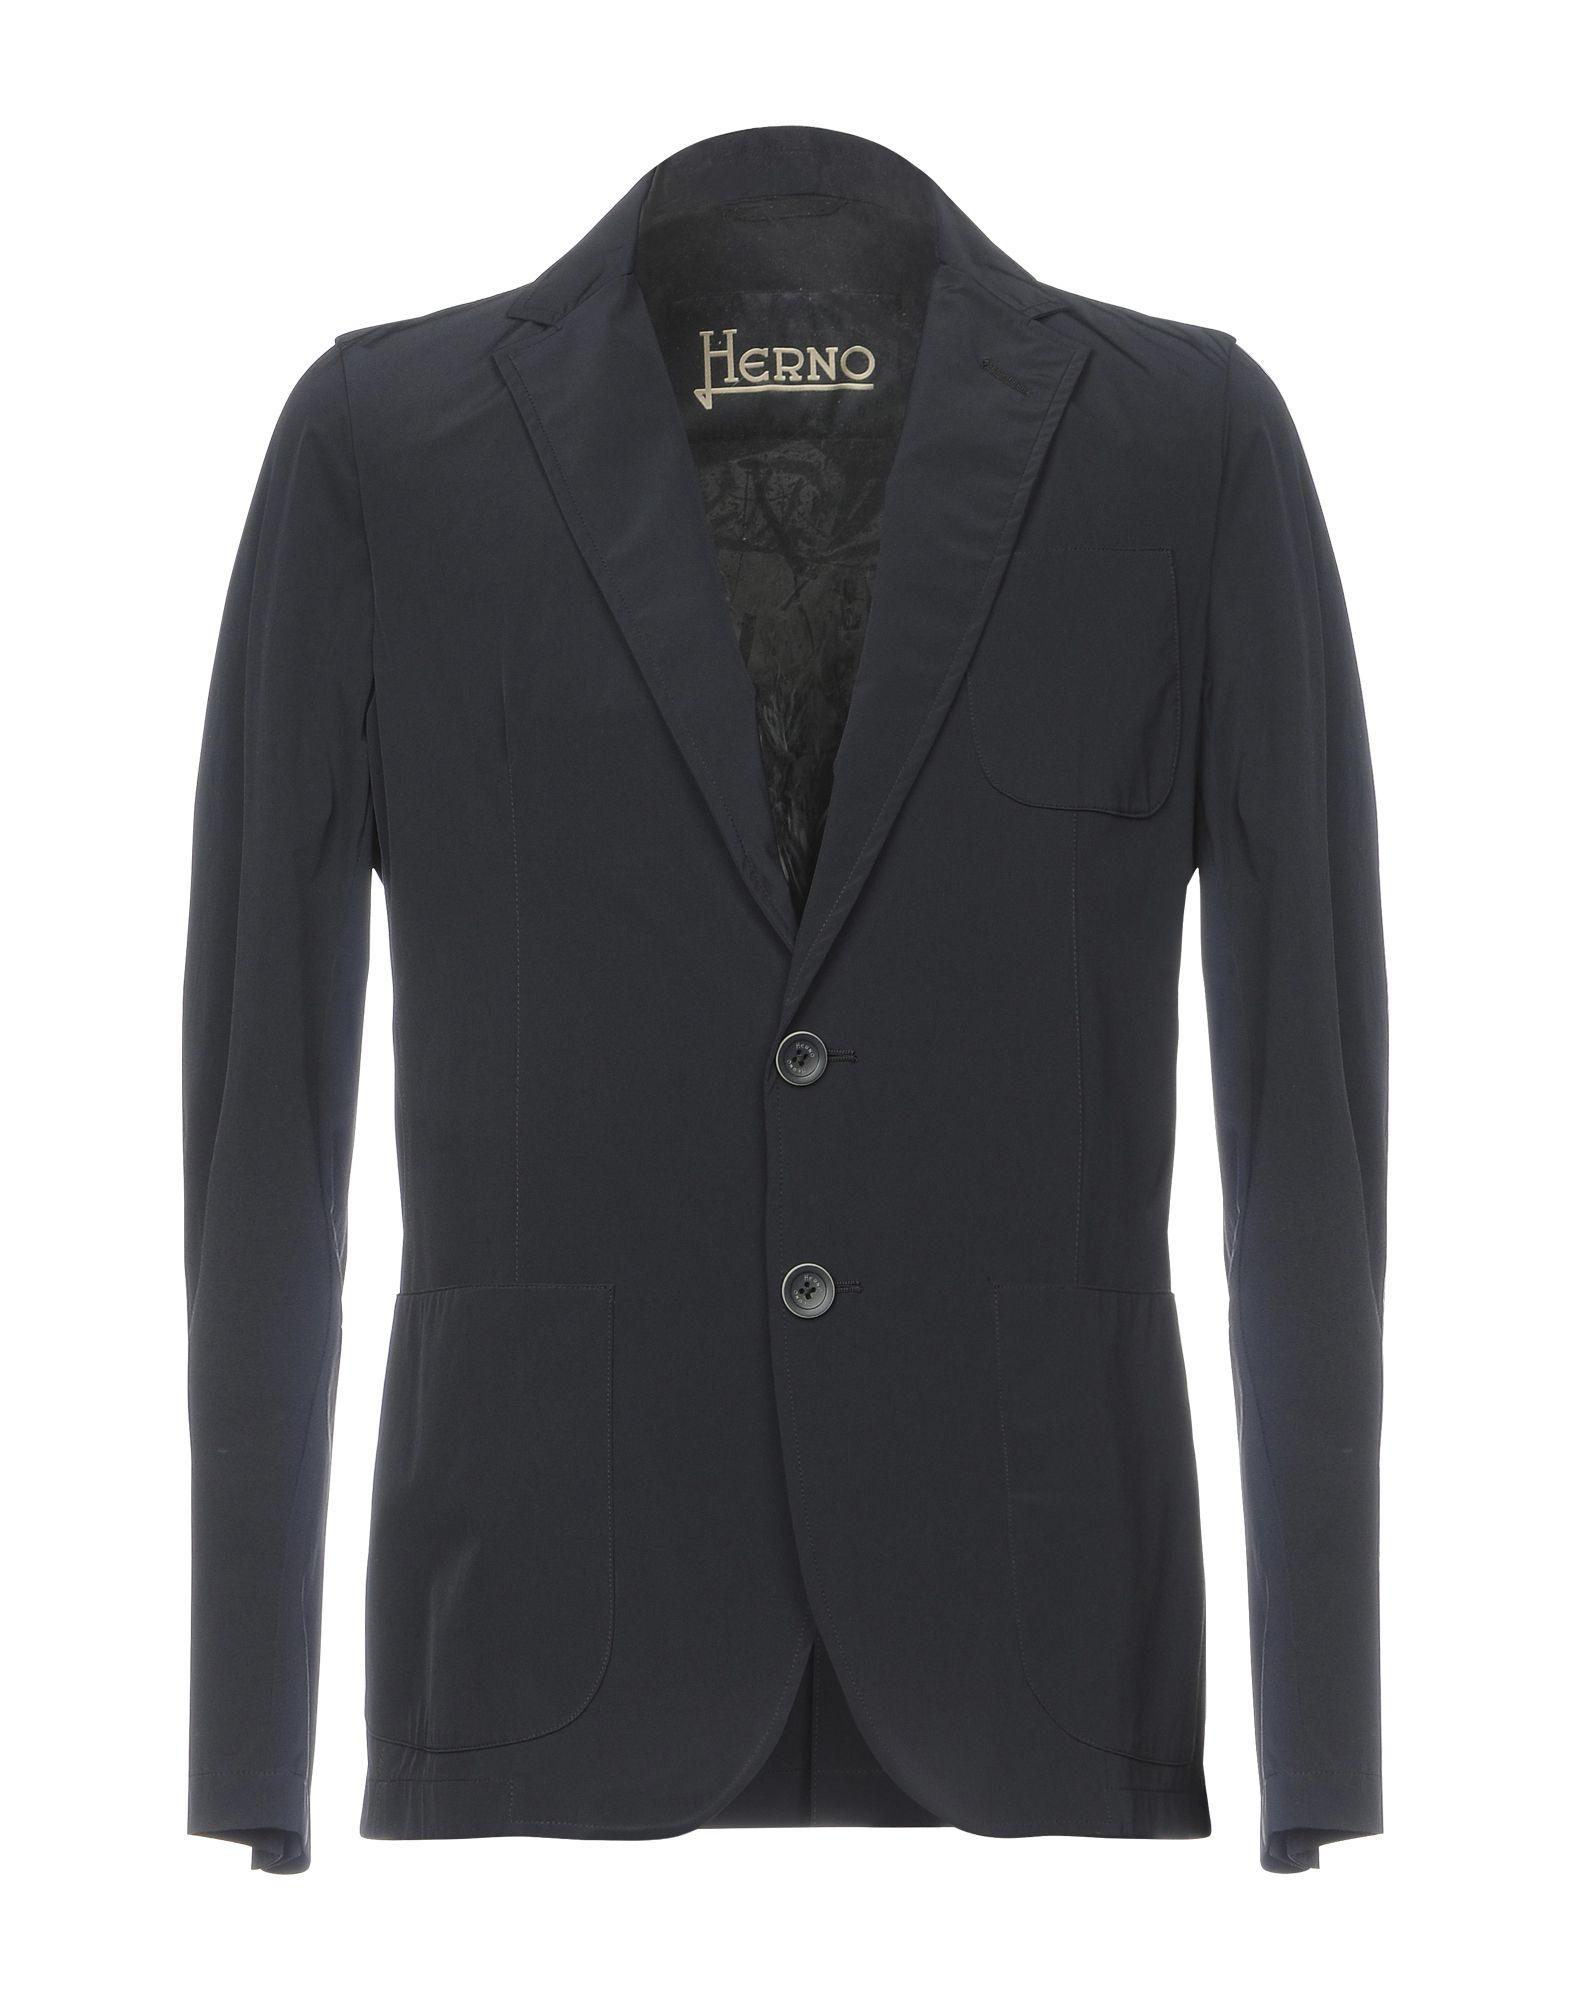 Vêtements Herno En Sur Vente Vestes Imperméables Homme Etc Pw7wxqZR6